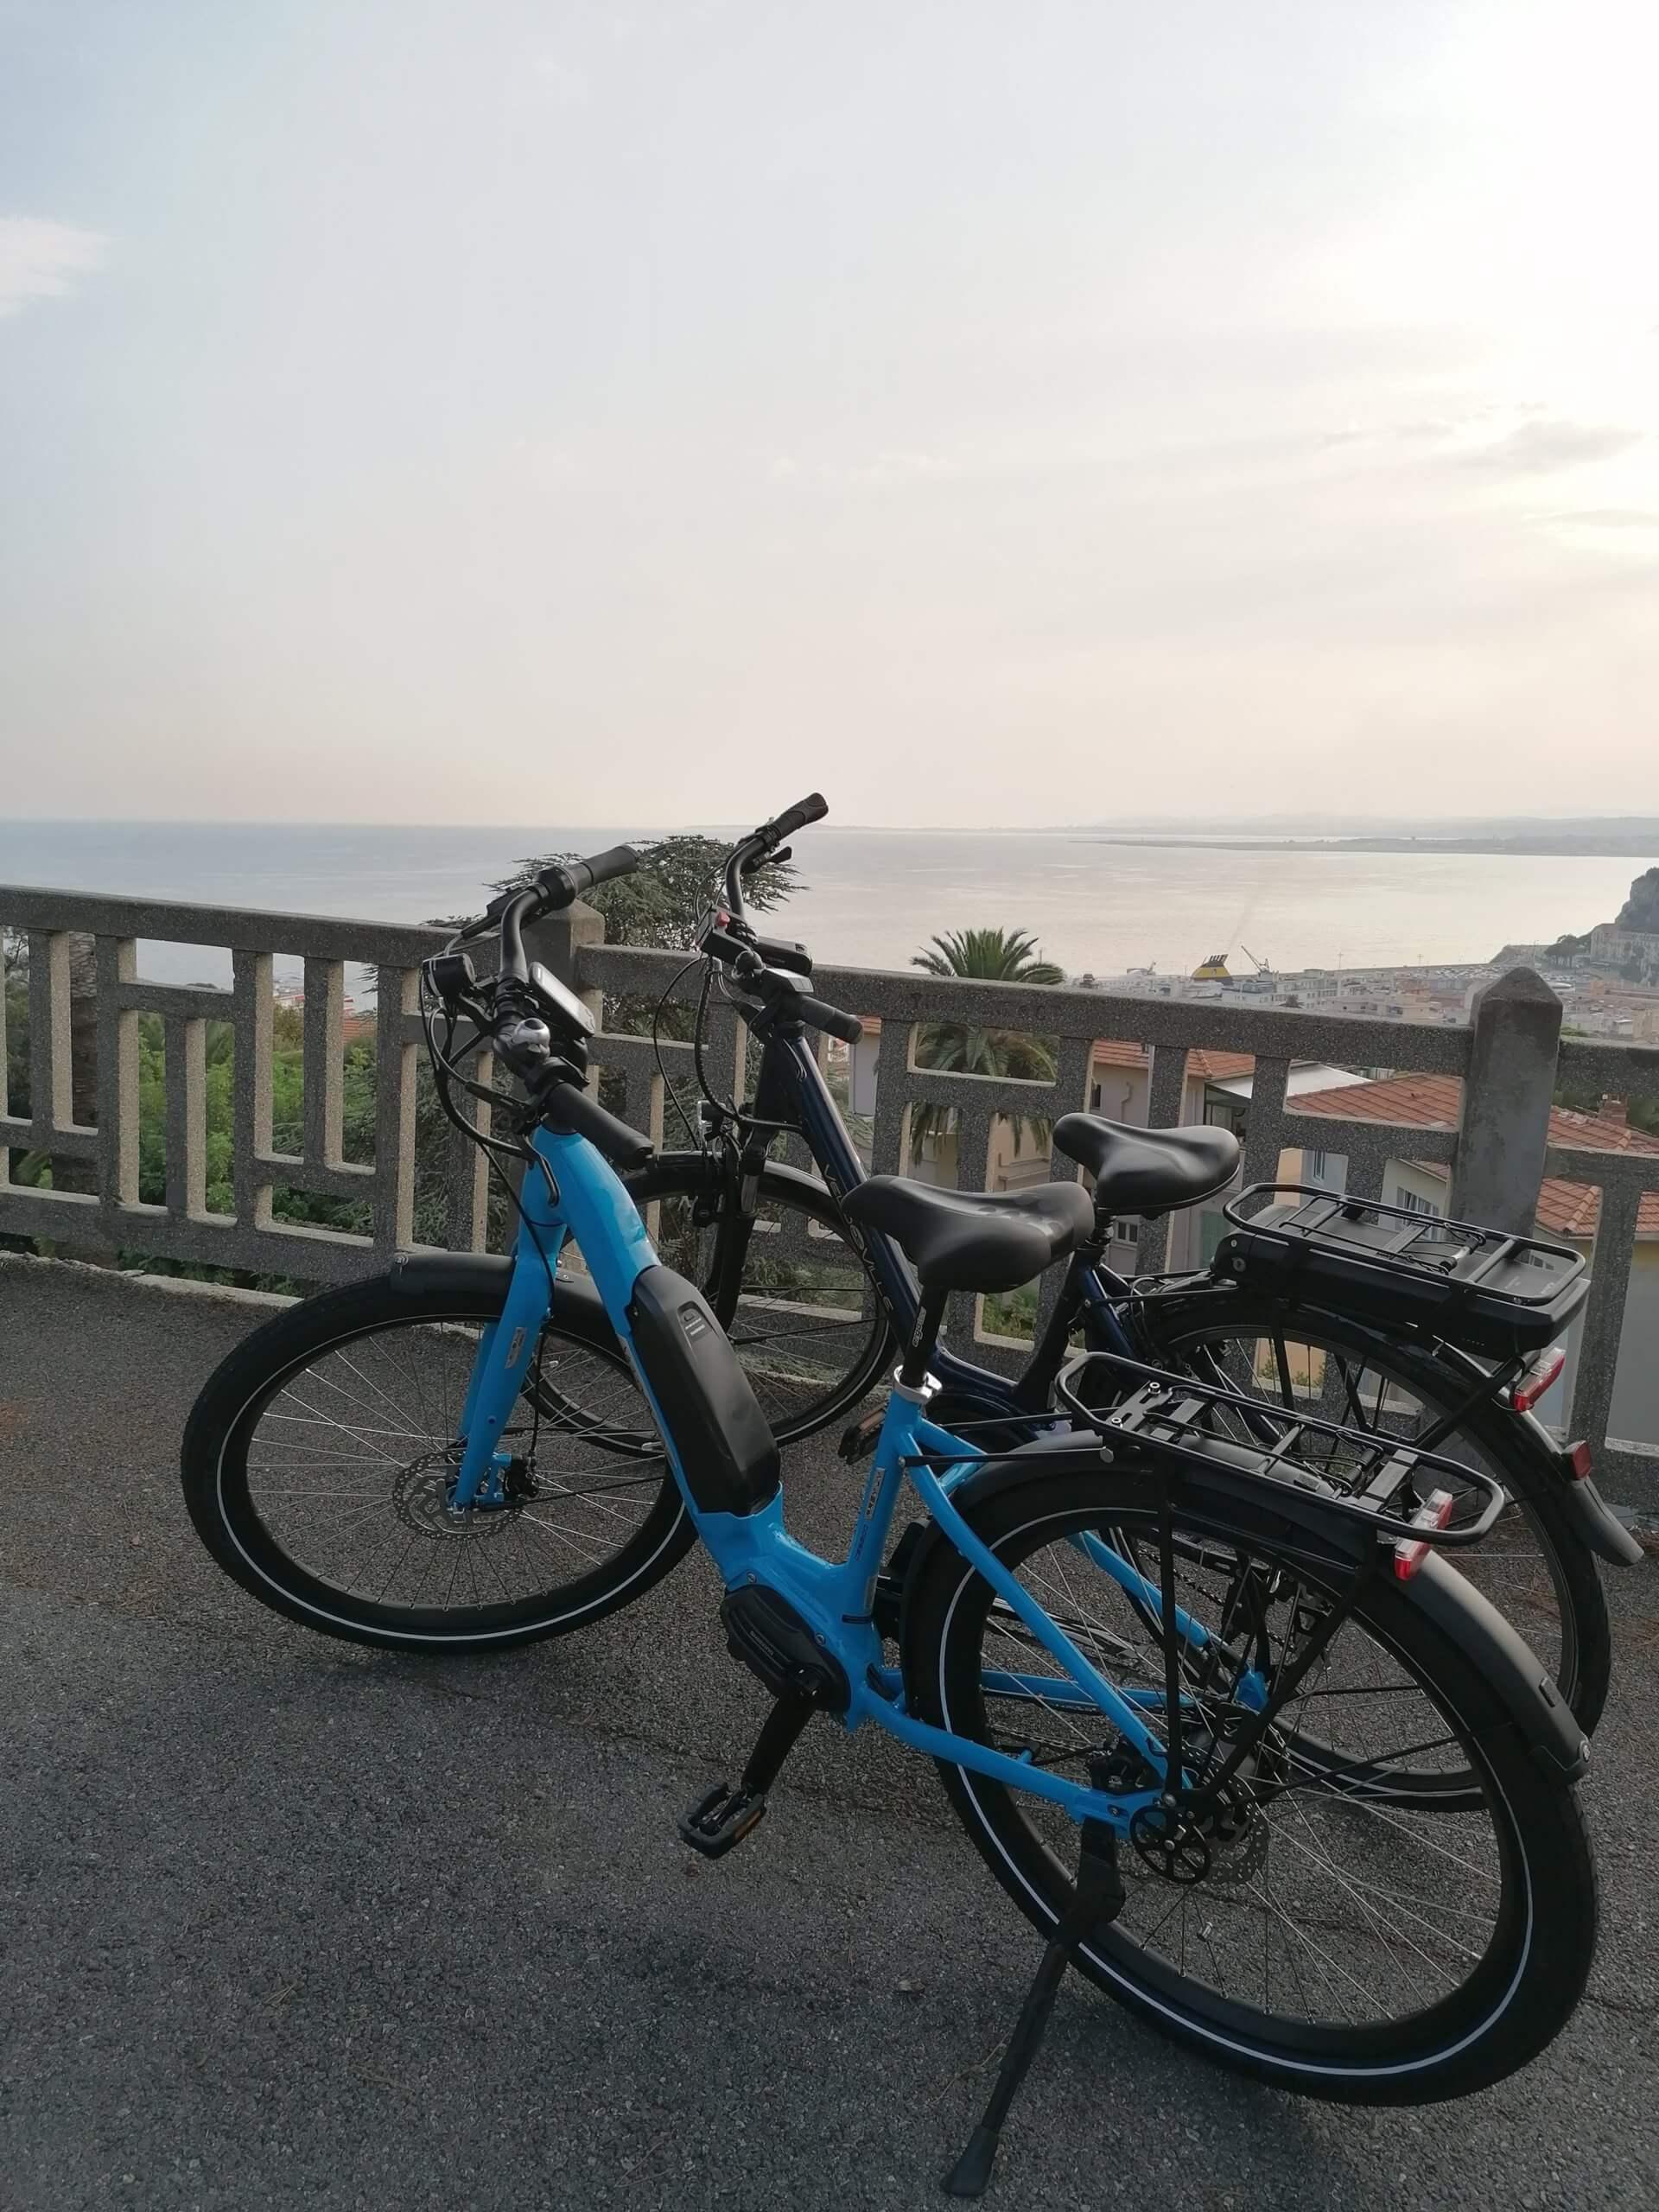 Elektricheskij velosiped v Nitstse 2 scaled